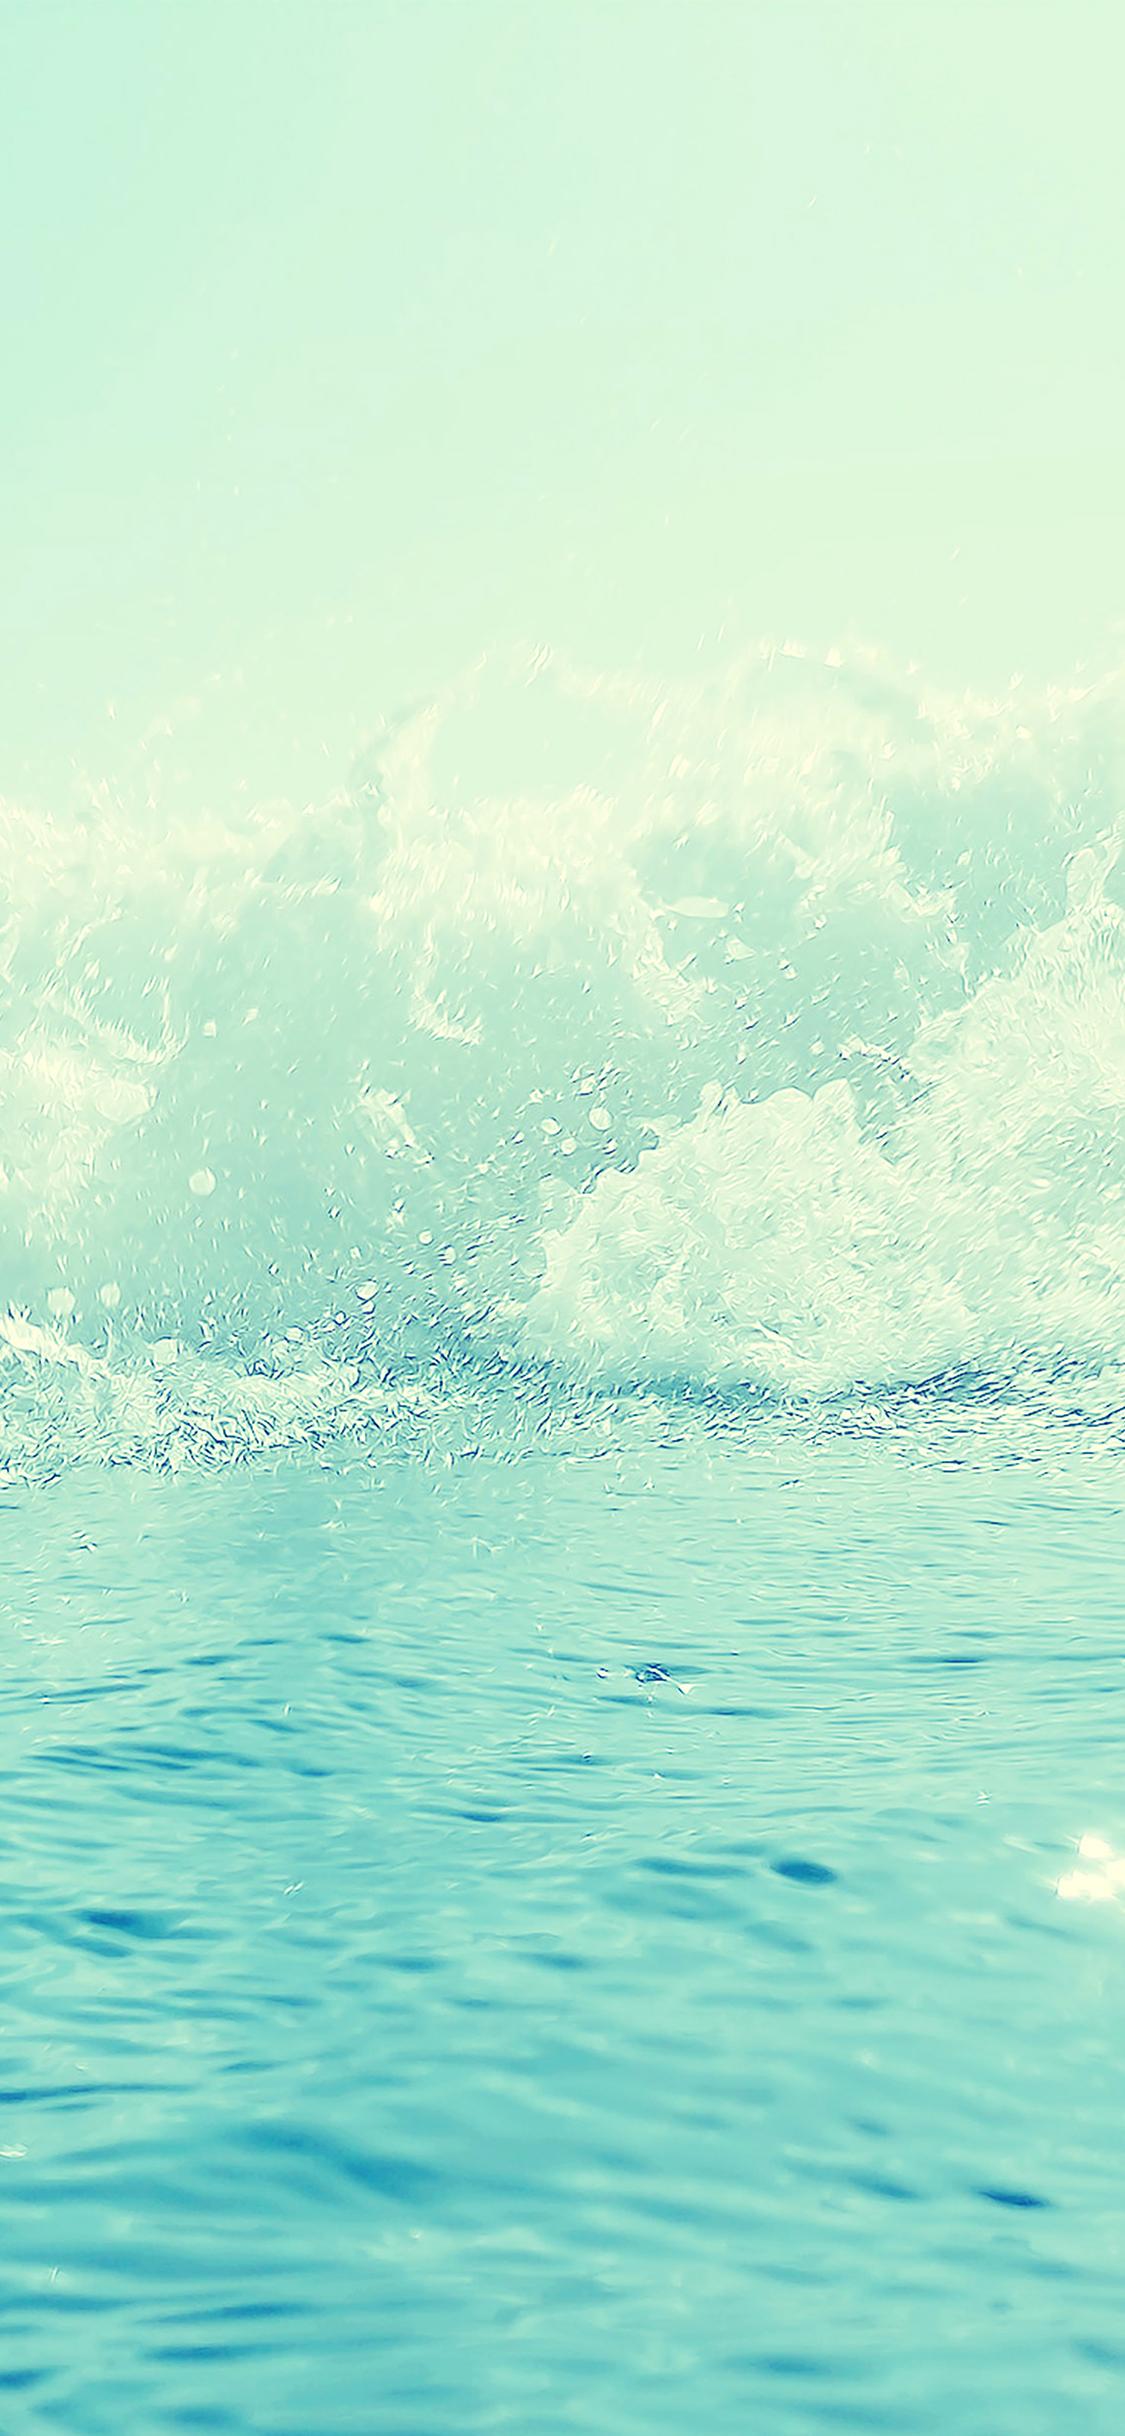 iPhoneXpapers.com-Apple-iPhone-wallpaper-mc23-wallpaper-boo-1832-wave-sea-blue